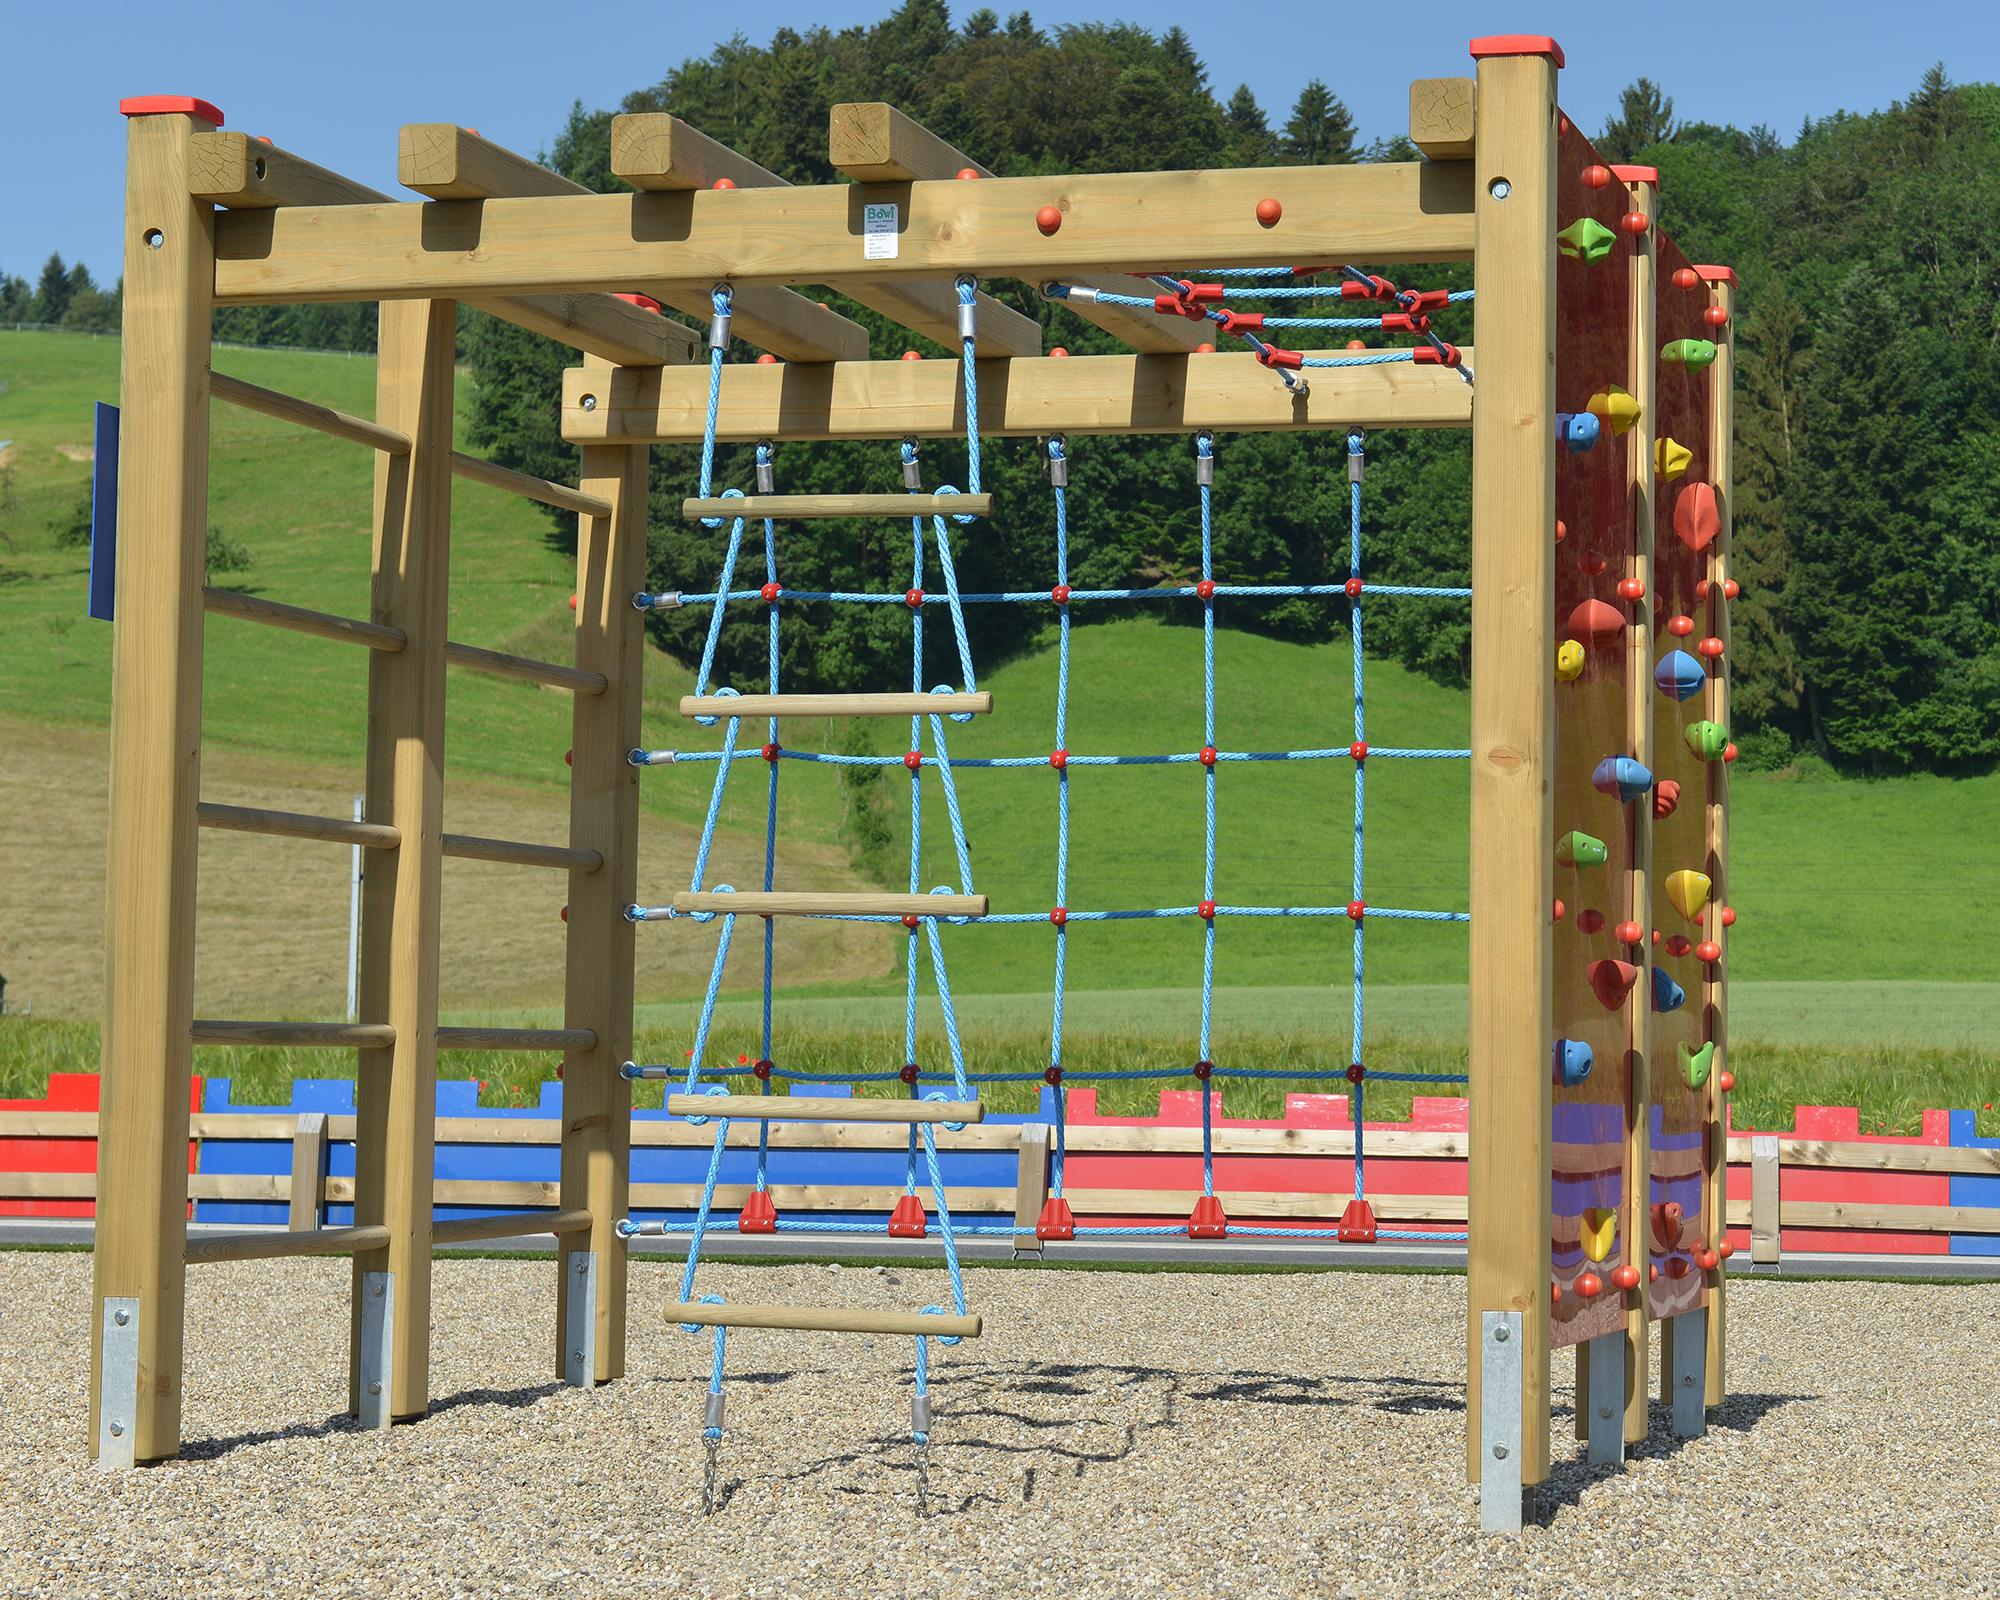 Full Size of Klettergerst Kletterbaum Klettergerüst Garten Wohnzimmer Kidwood Klettergerüst